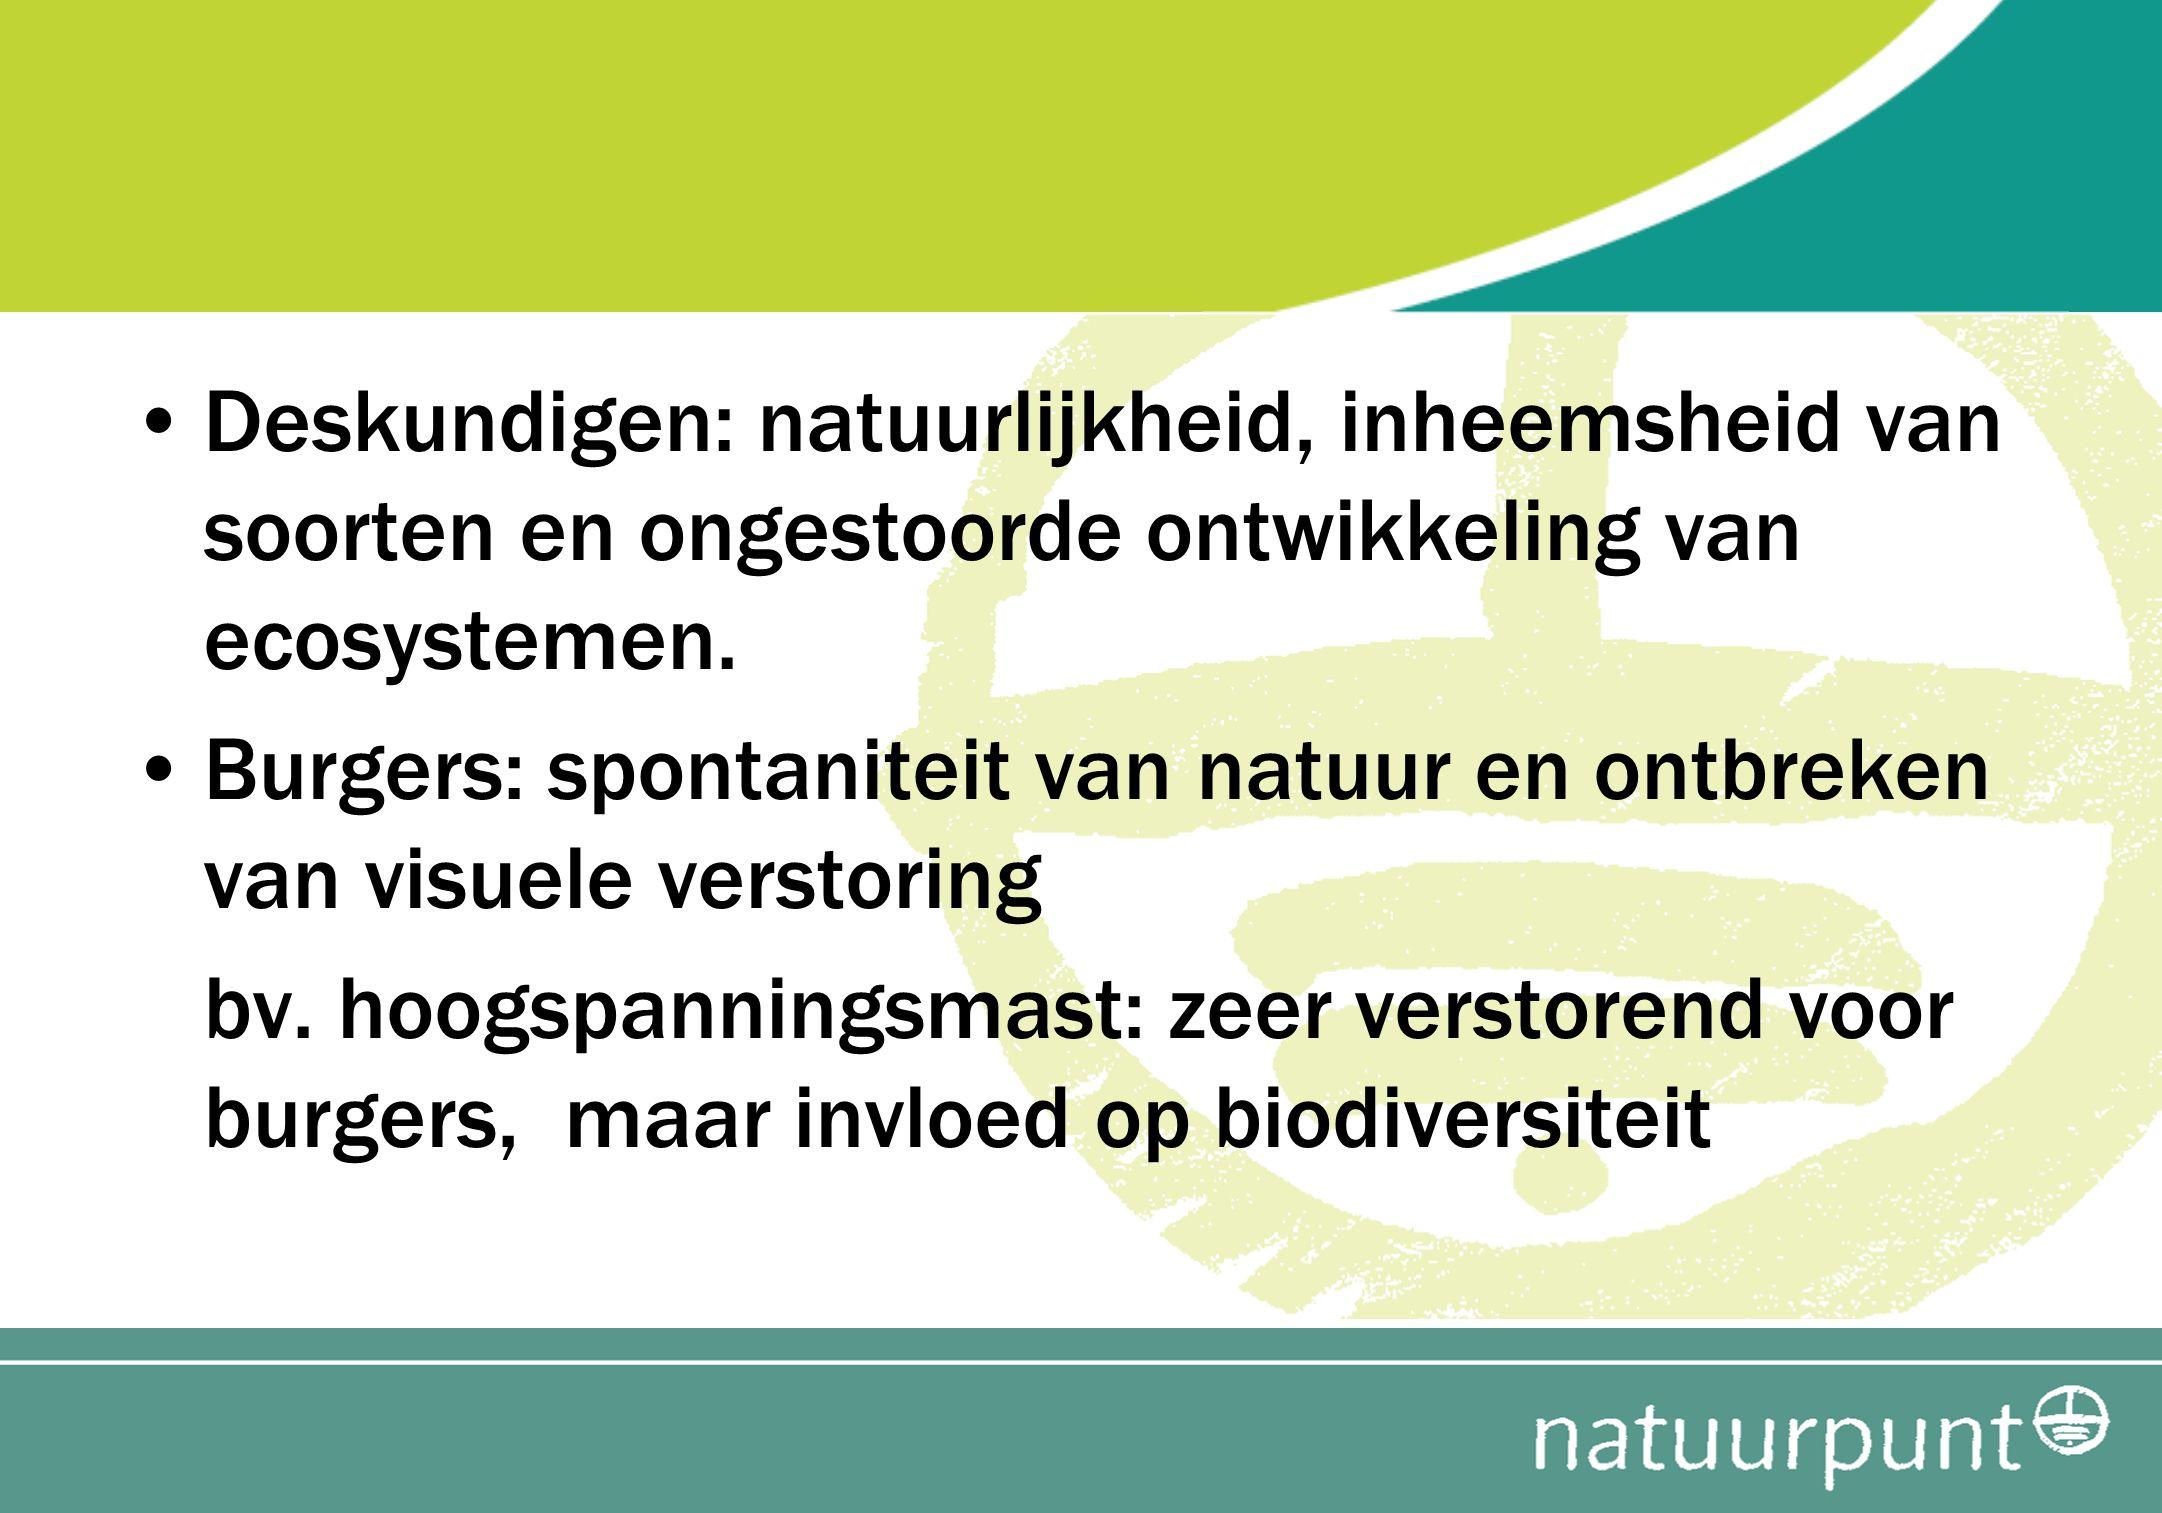 Deskundigen: natuurlijkheid, inheemsheid van soorten en ongestoorde ontwikkeling van ecosystemen. Burgers: spontaniteit van natuur en ontbreken van vi